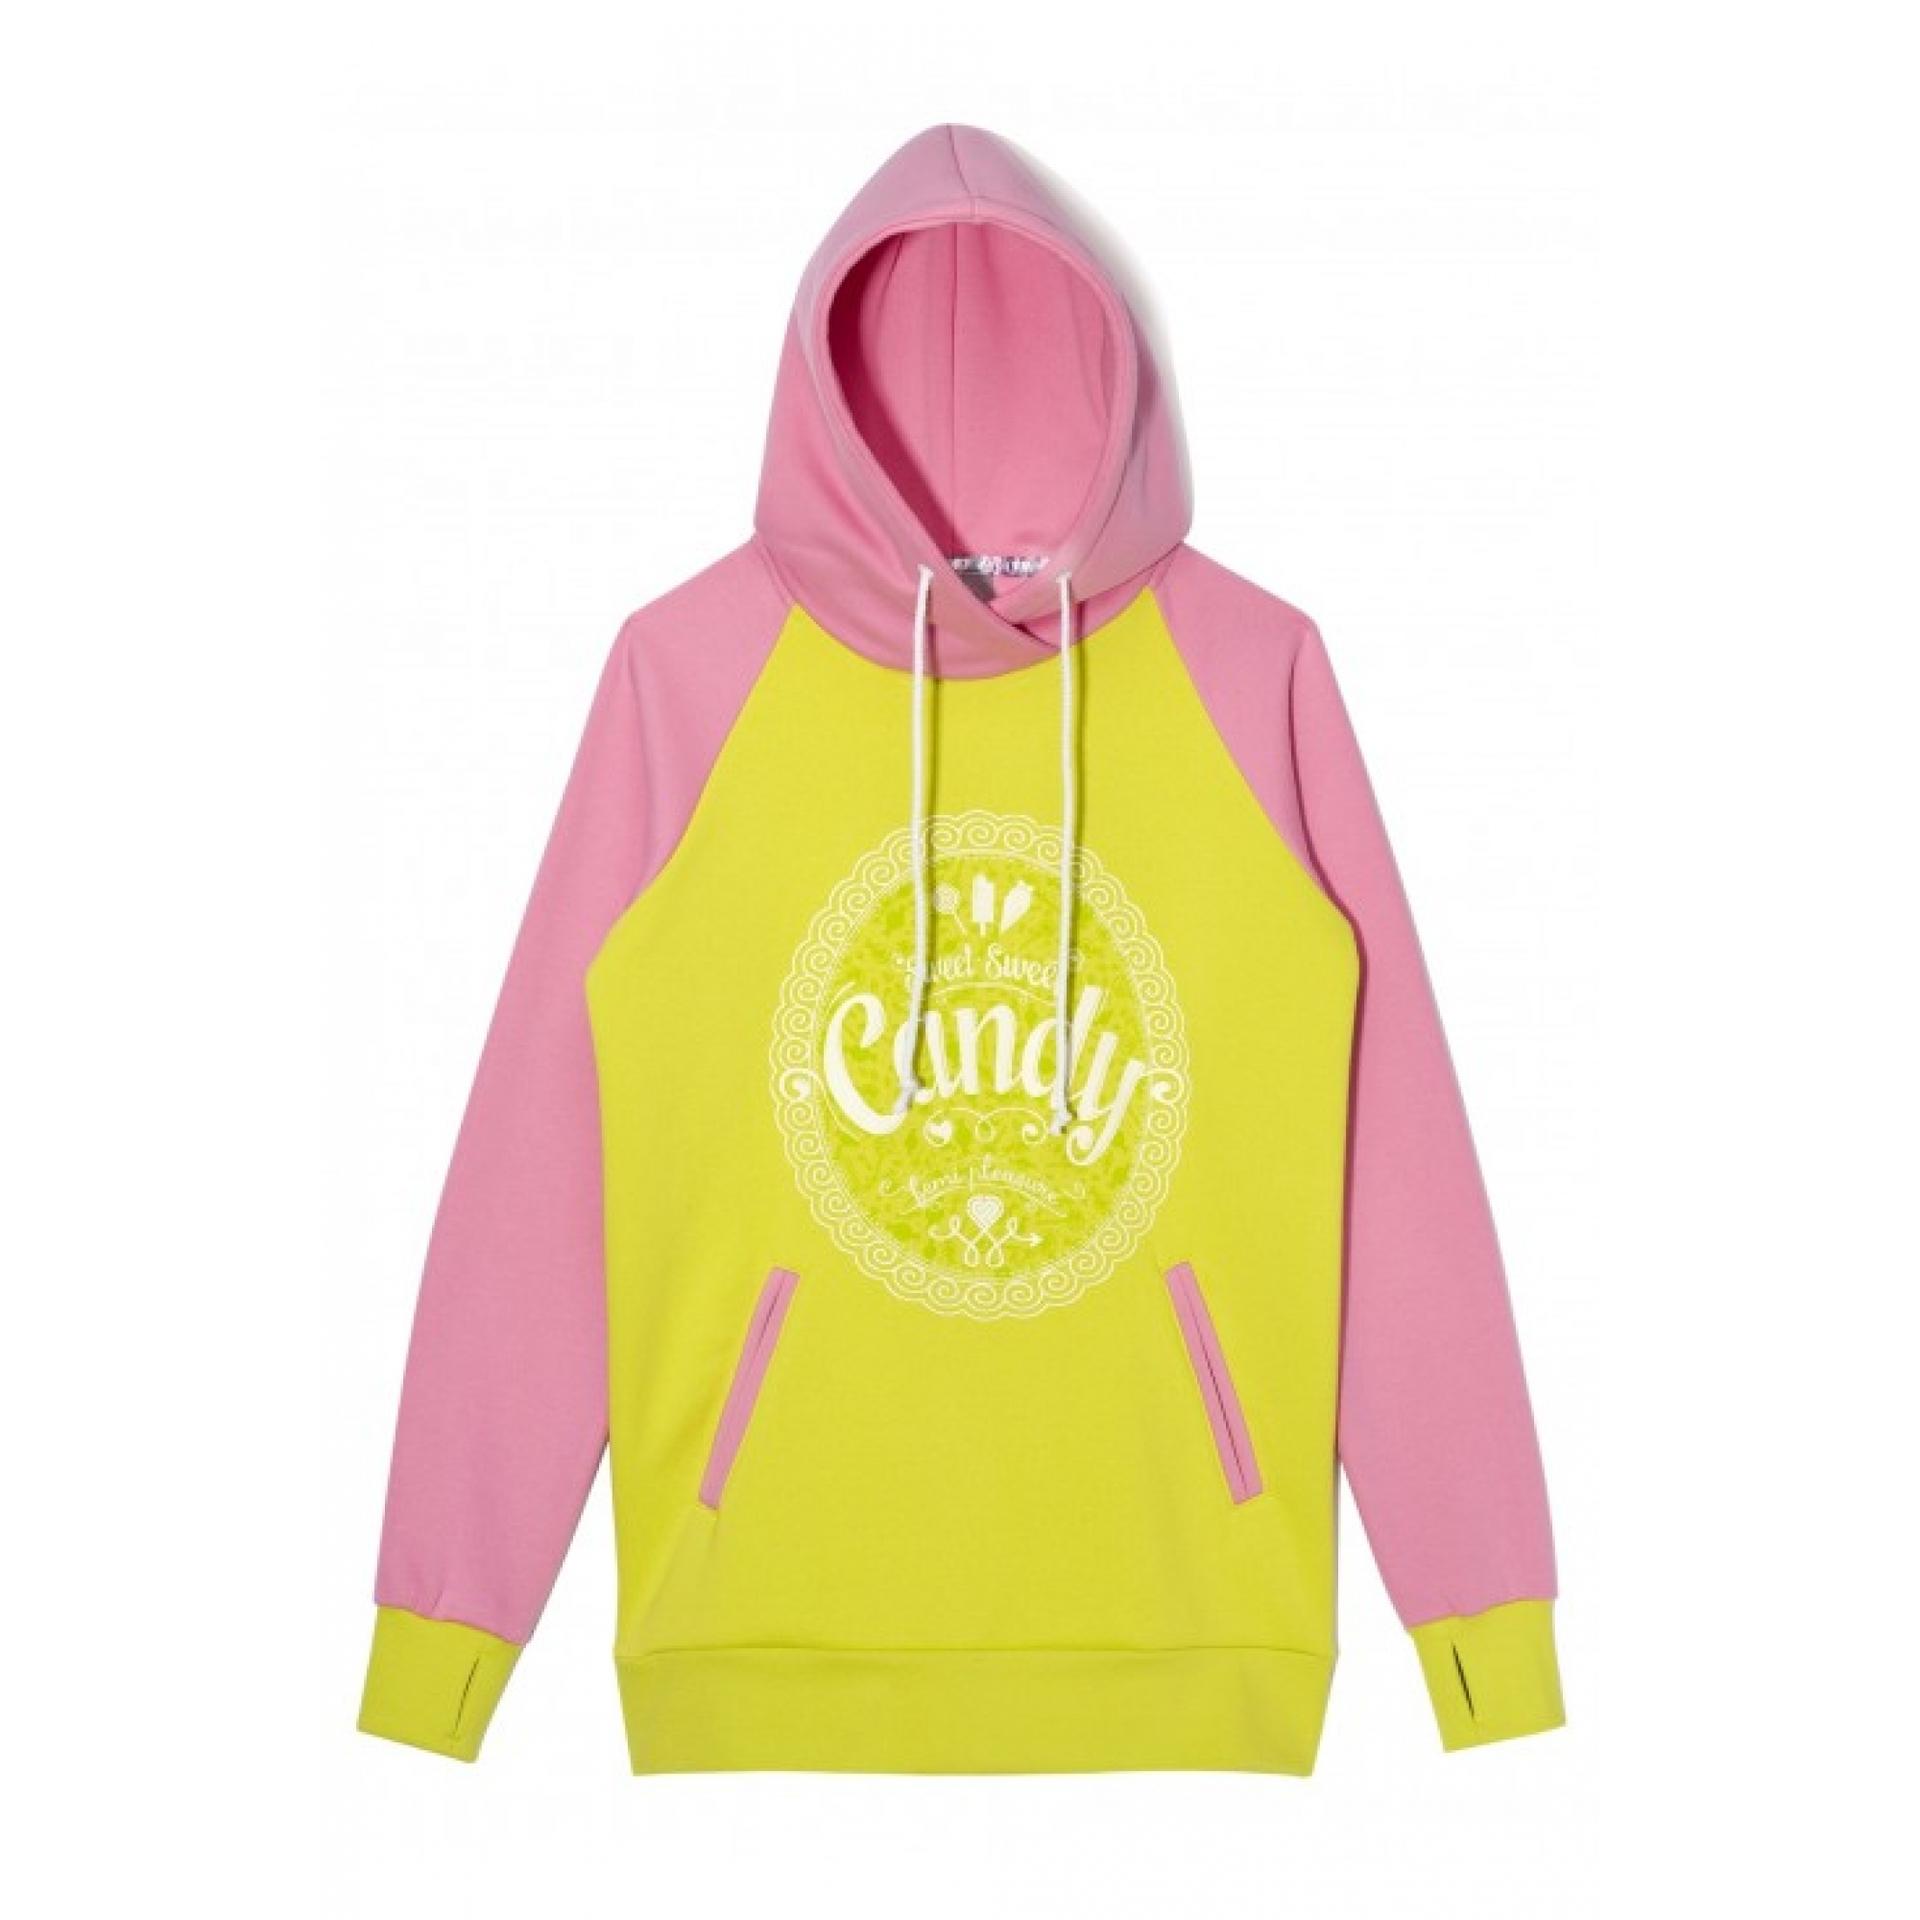 Bluza Femi Pleasure Candy różowa limonkowa